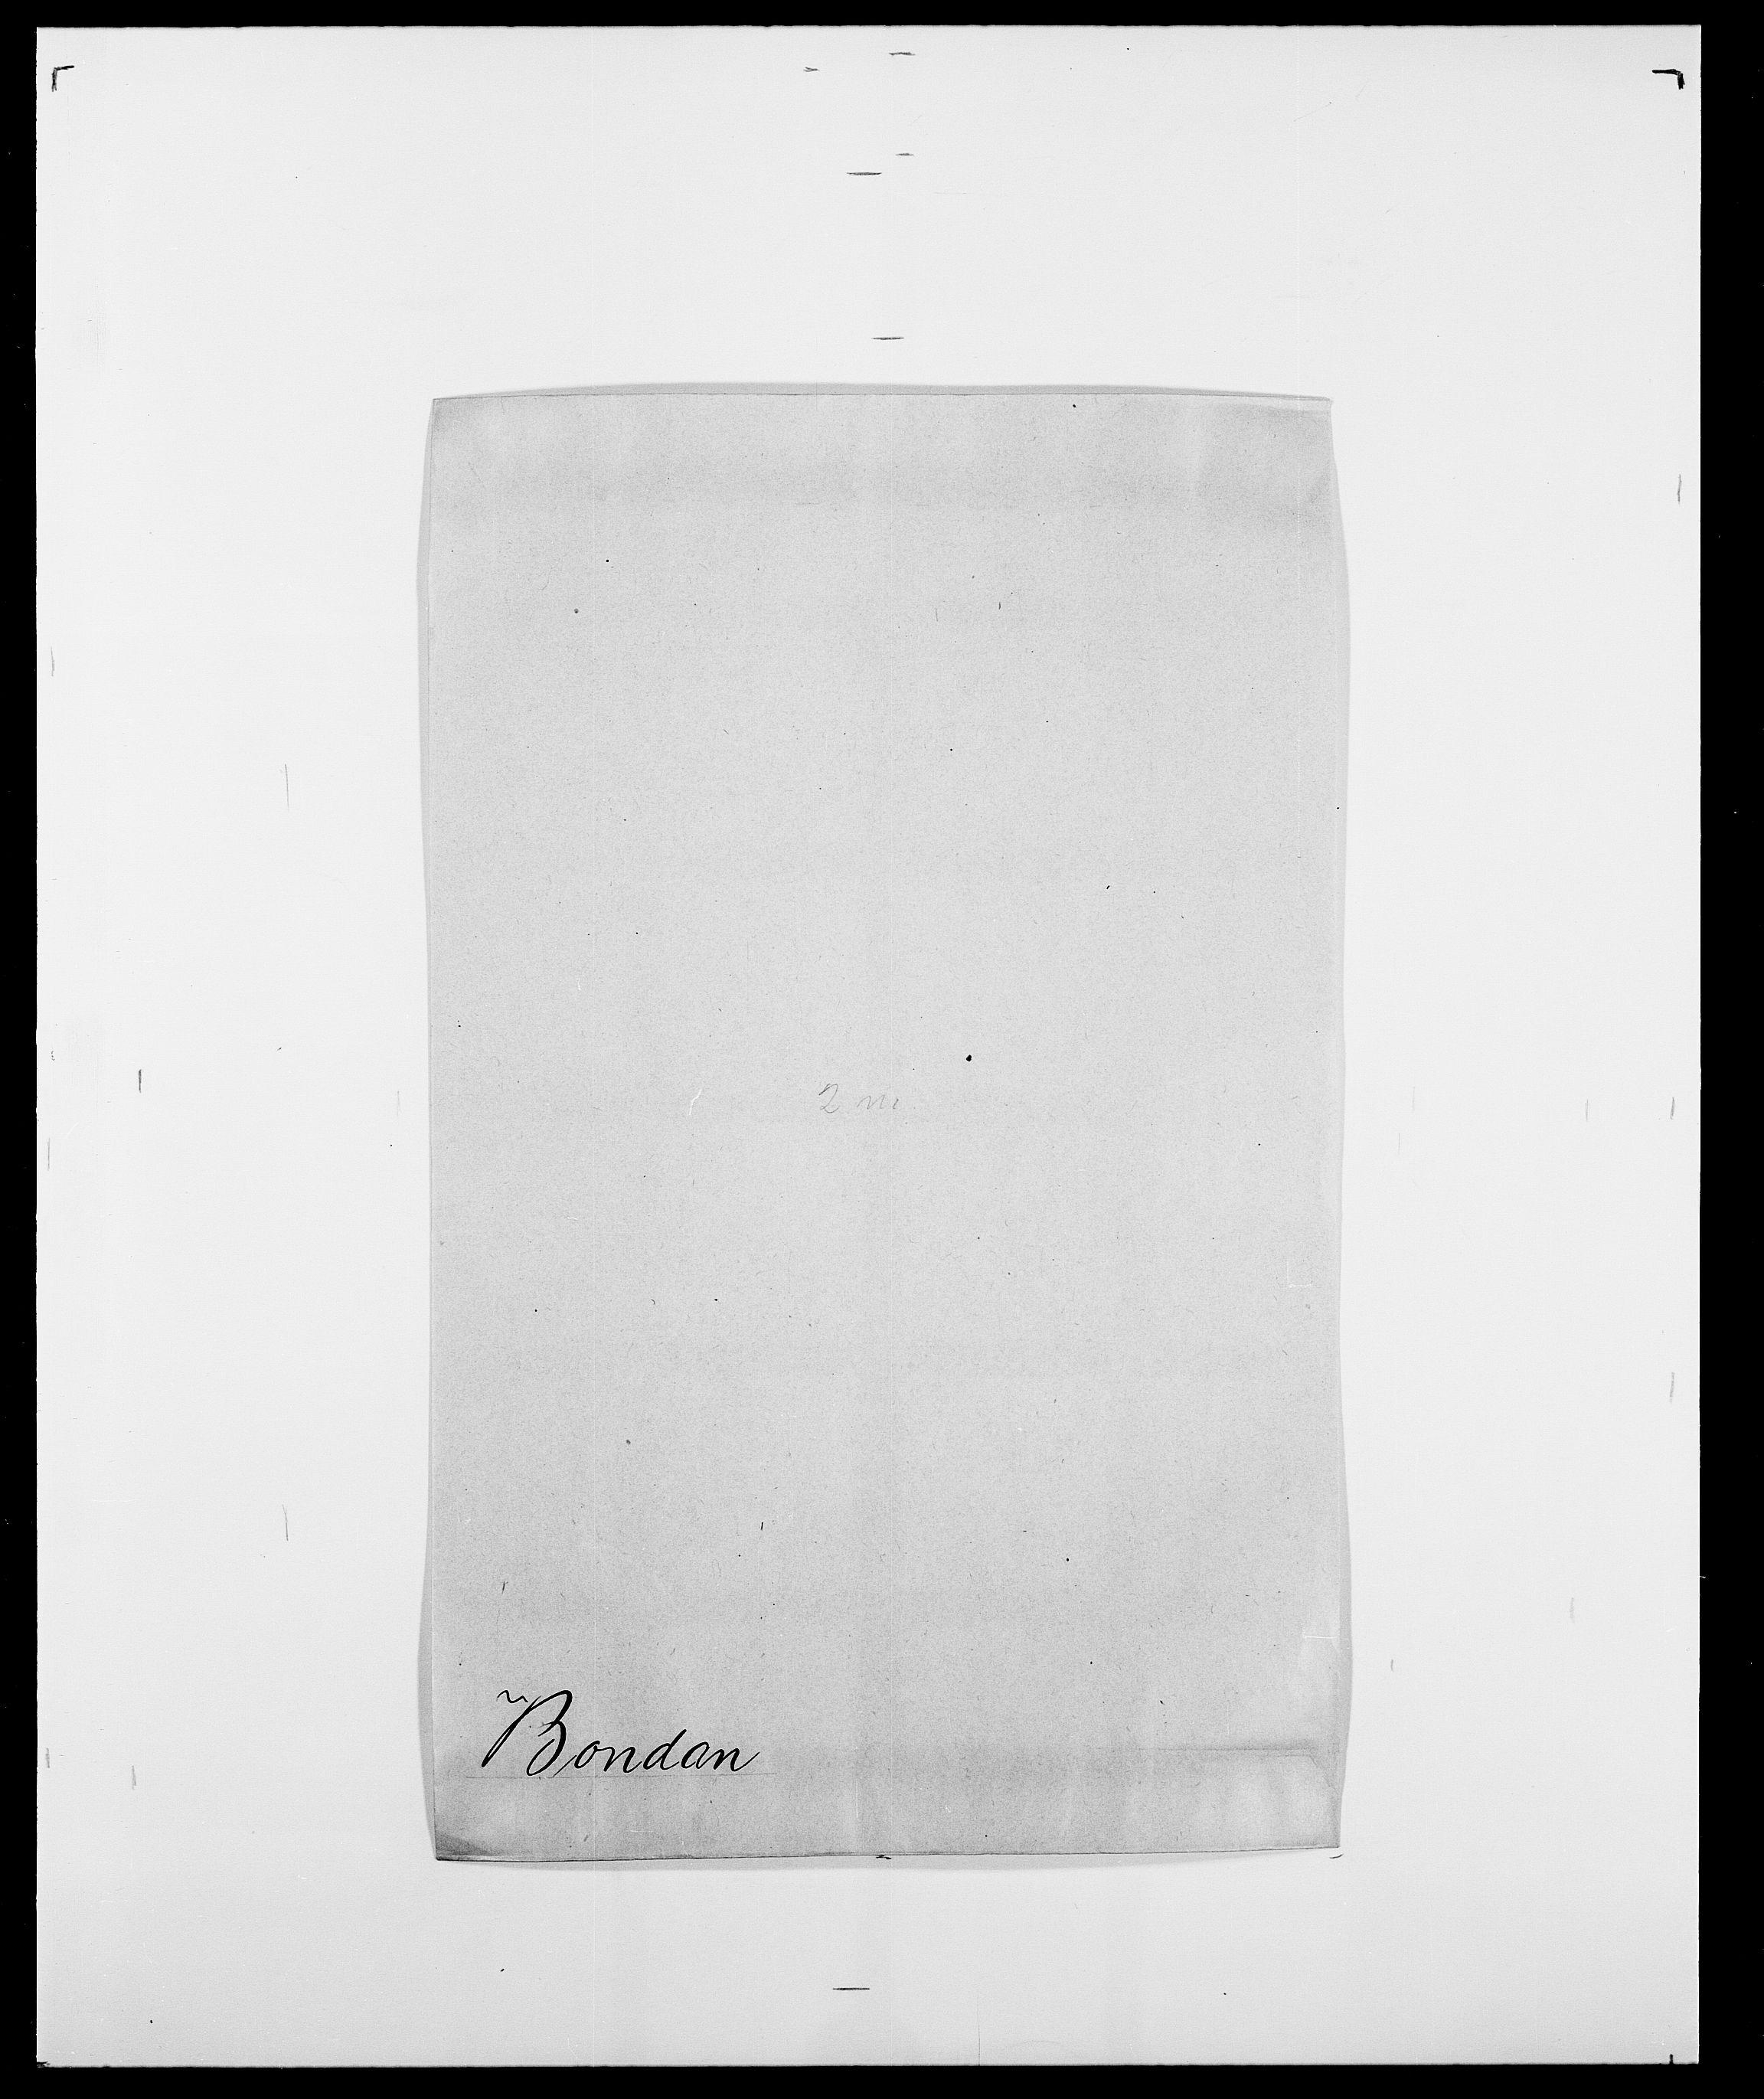 SAO, Delgobe, Charles Antoine - samling, D/Da/L0005: Boalth - Brahm, s. 122